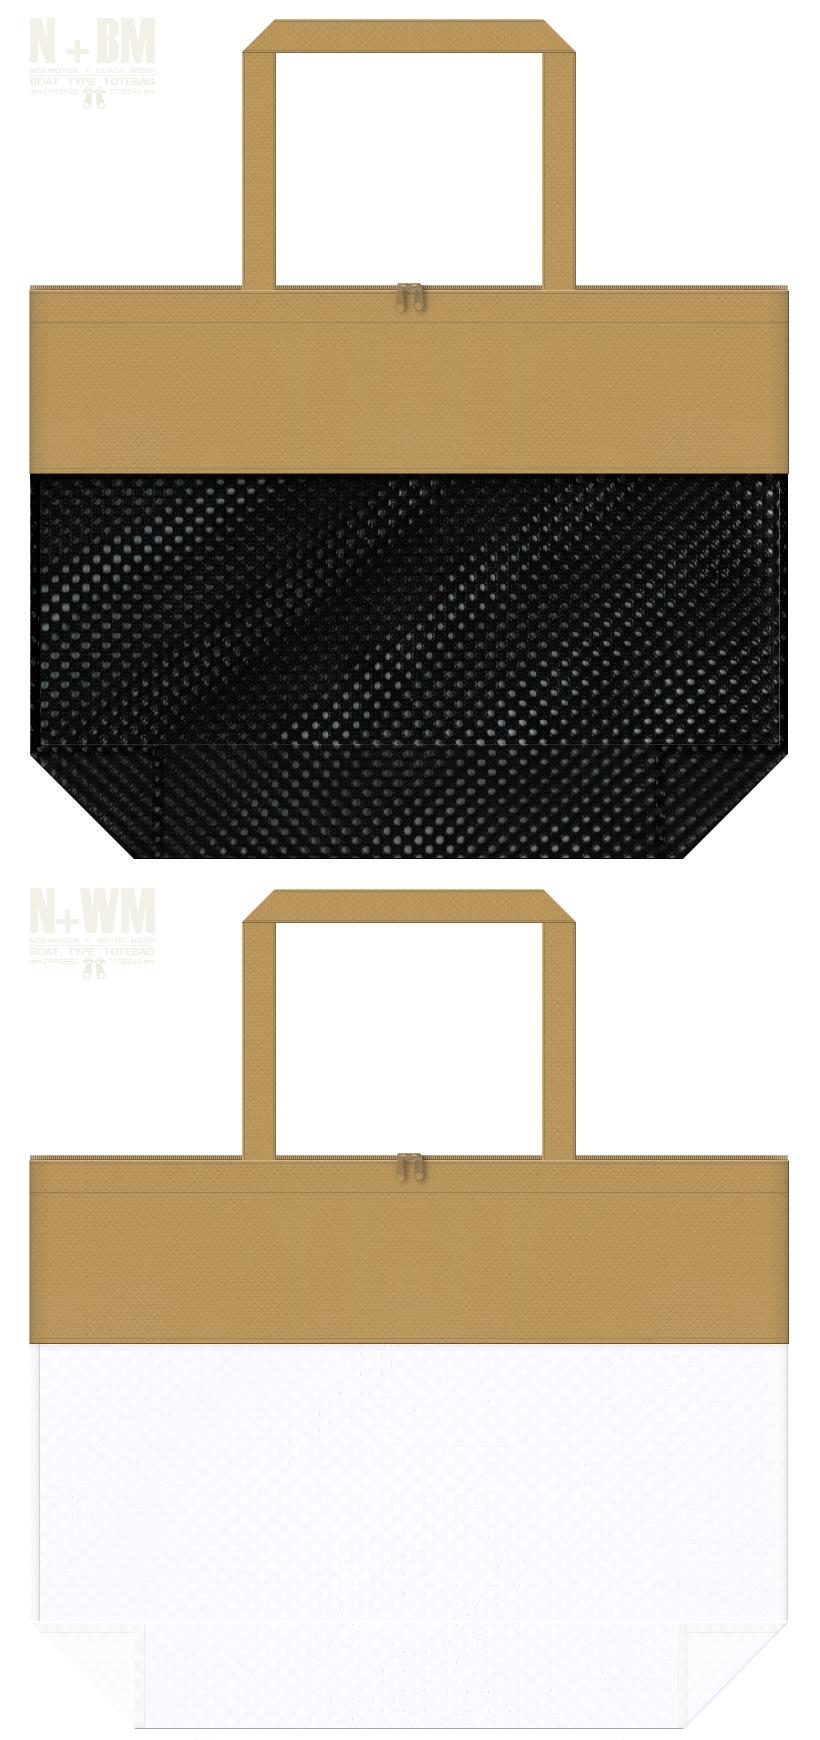 台形型メッシュバッグのカラーシミュレーション:黒色・白色メッシュとマスタード色不織布の組み合わせ